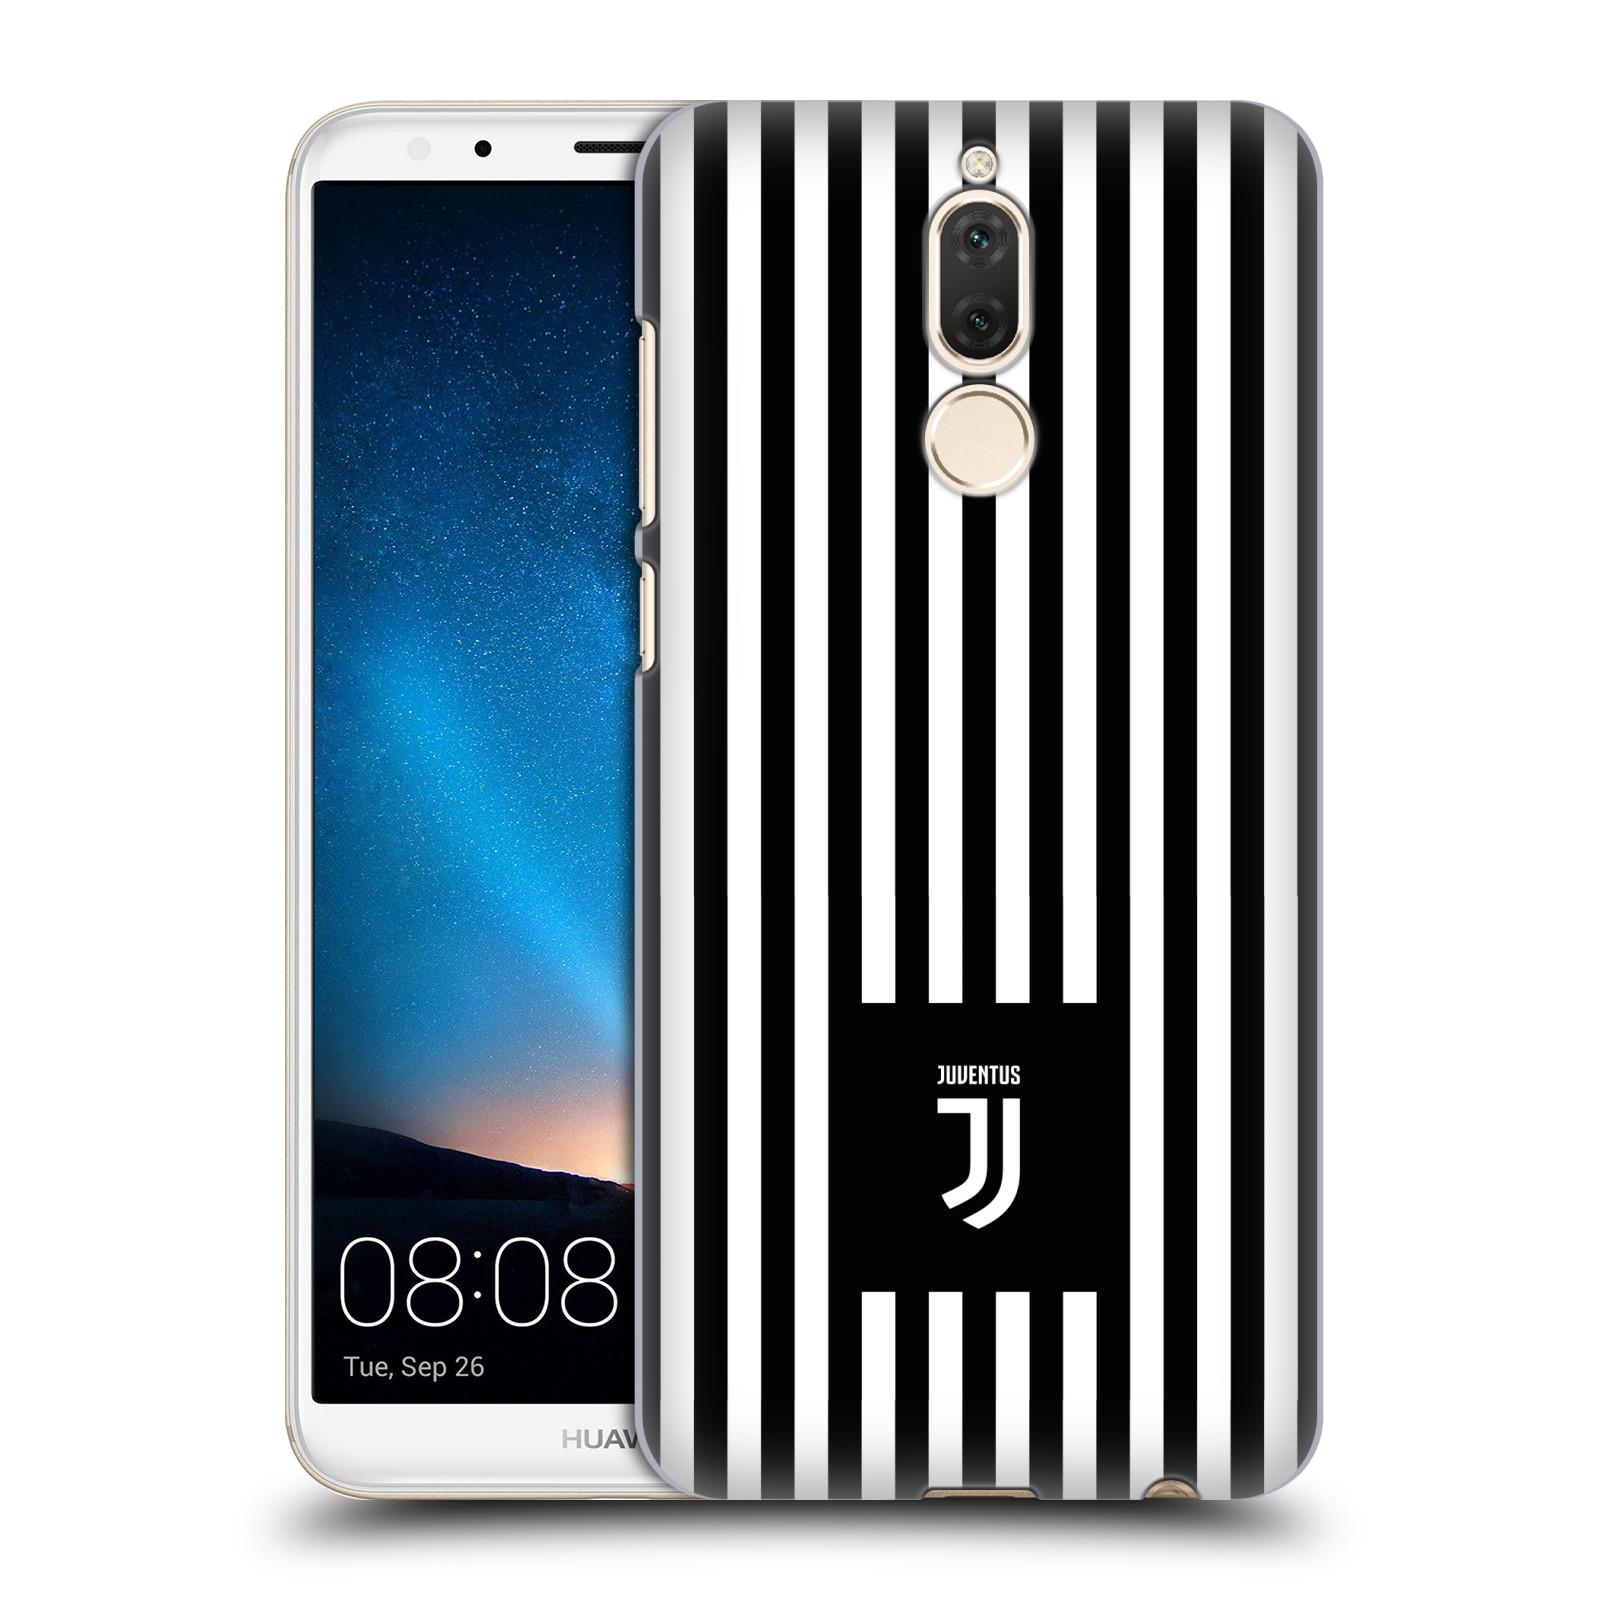 Plastové pouzdro na mobil Huawei Mate 10 Lite - Head Case - Juventus FC - Nové logo - Pruhy